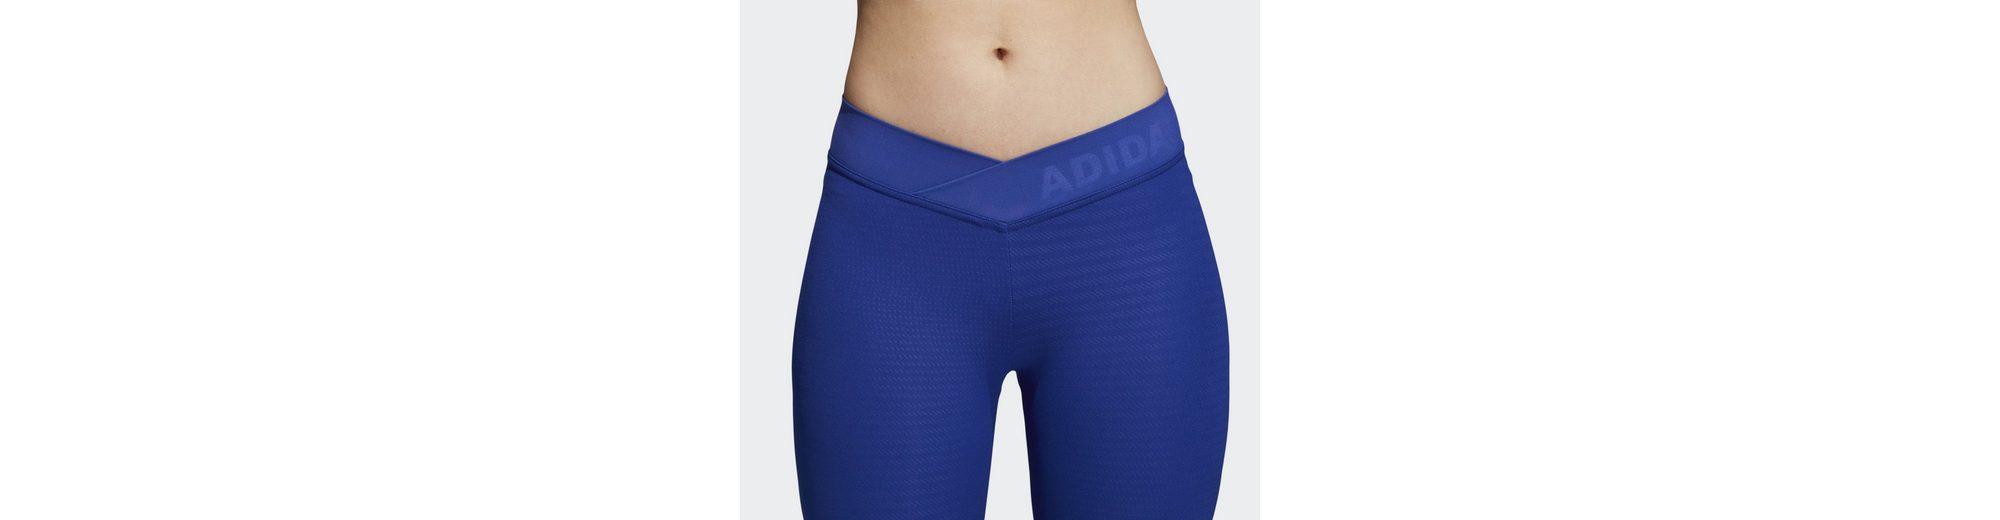 adidas Performance Leggings Alphaskin Tech 3/4-Tight Klassische Online Verkauf 100% Garantiert Wirklich Zum Verkauf Spielraum Marktfähig p2xrBHYvm